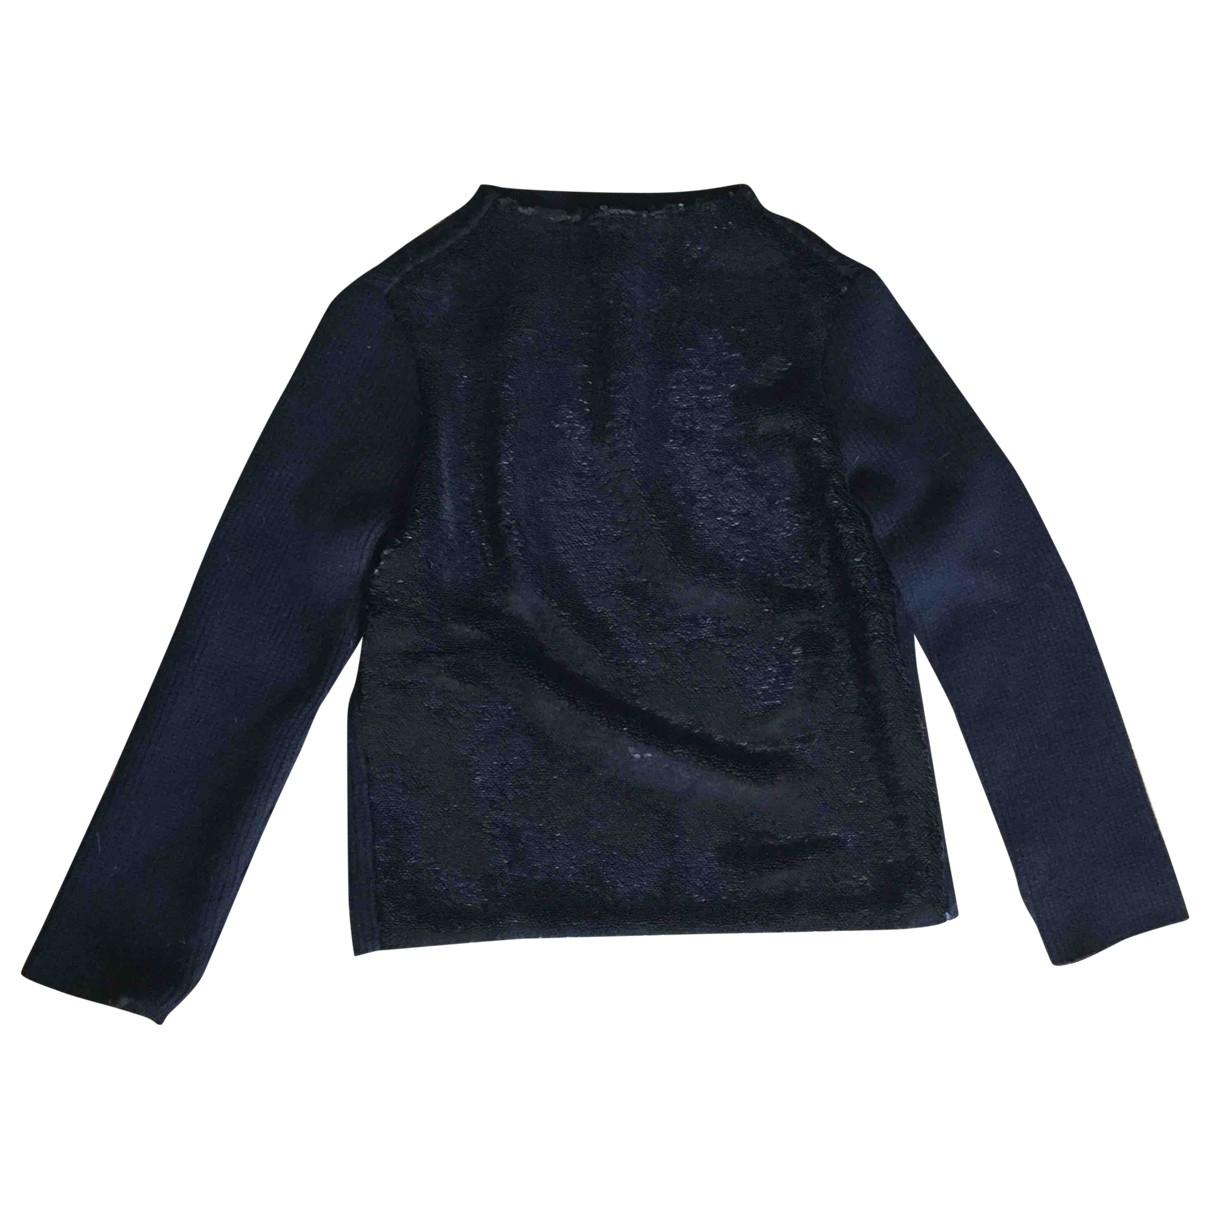 Marc Jacobs - Pull   pour femme en laine - noir